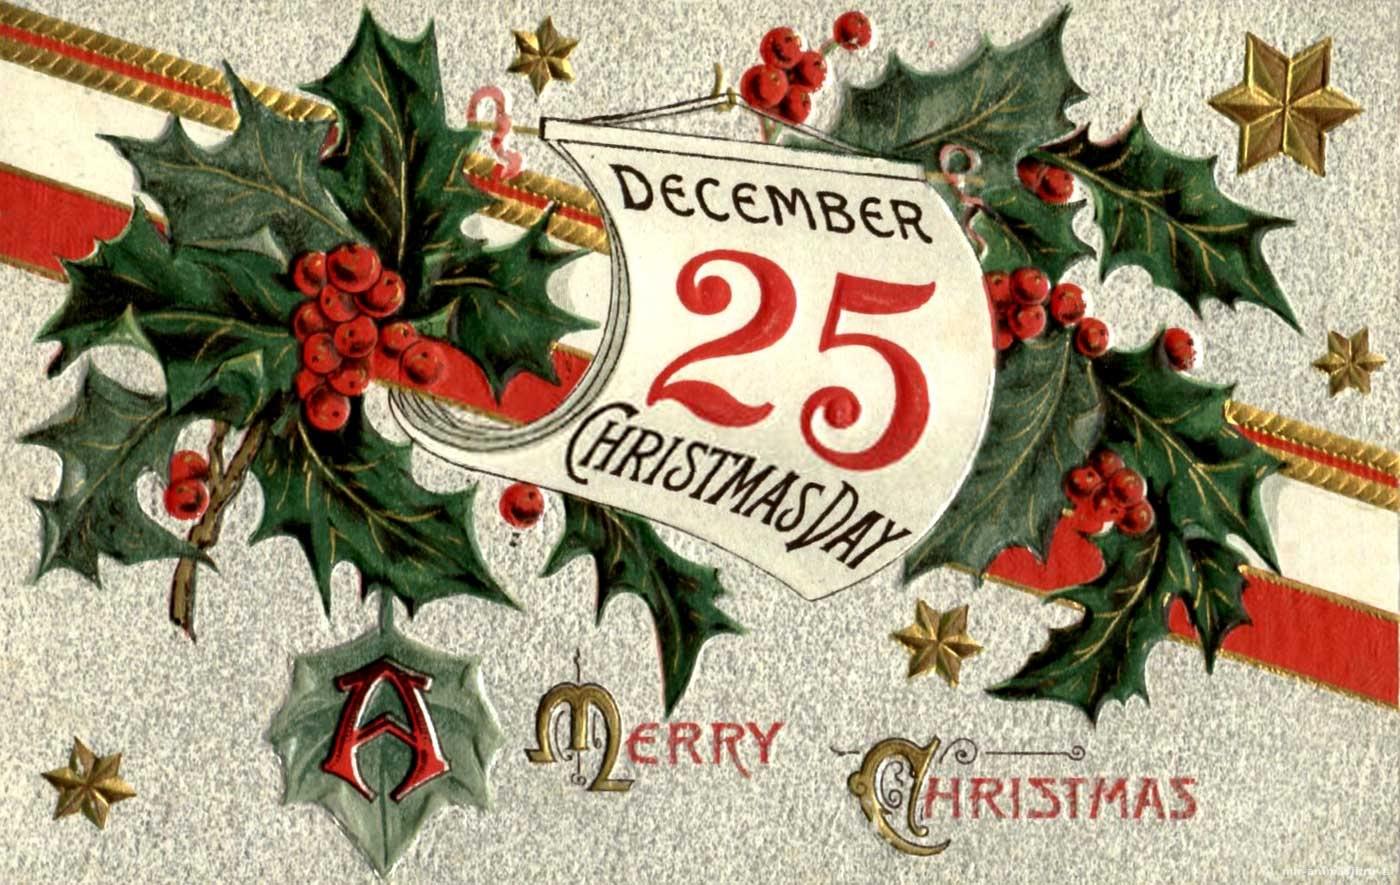 Католическое Рождество - 25 декабря